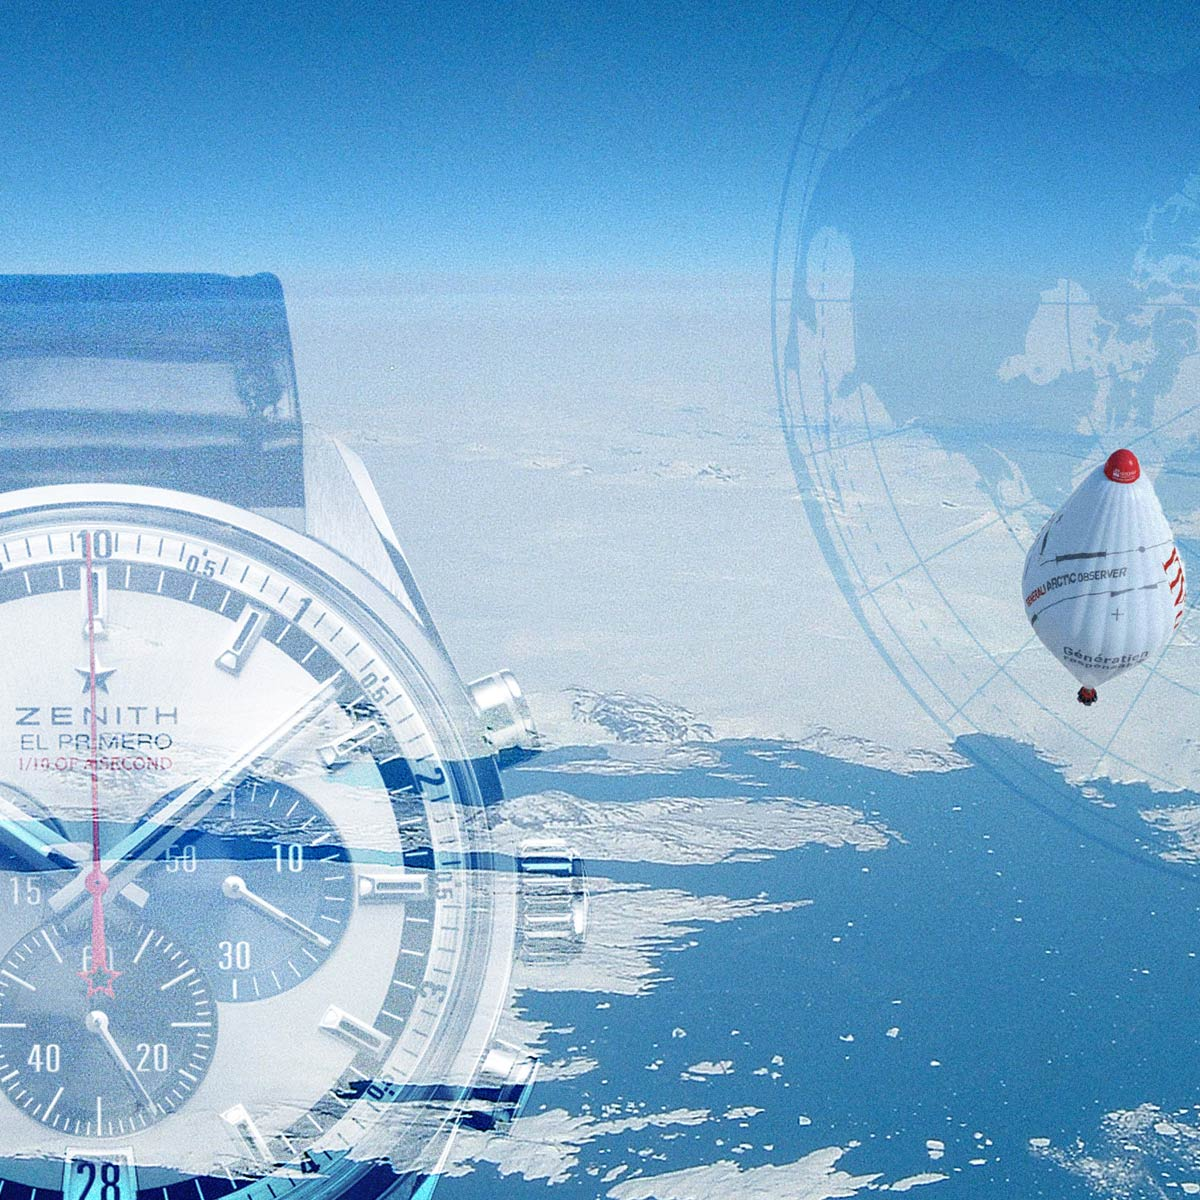 La Cote des Montres : Photo - Zenith retourne au pôle Nord à bord du ballon piloté par le médecin et explorateur Jean-Louis Etienne